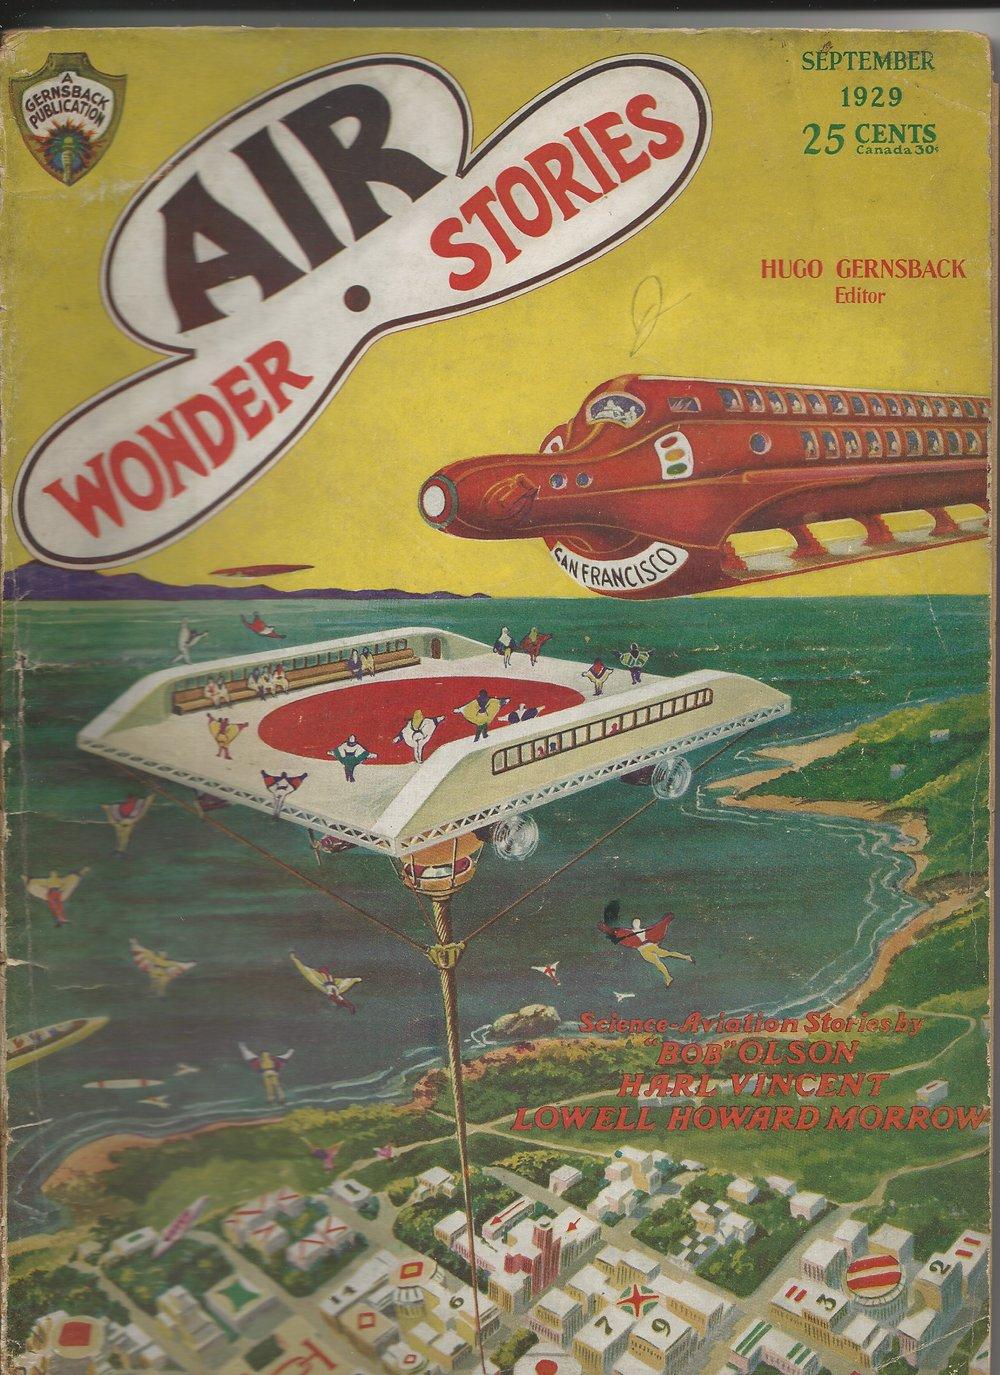 Air+Wonder+Stories.jpg